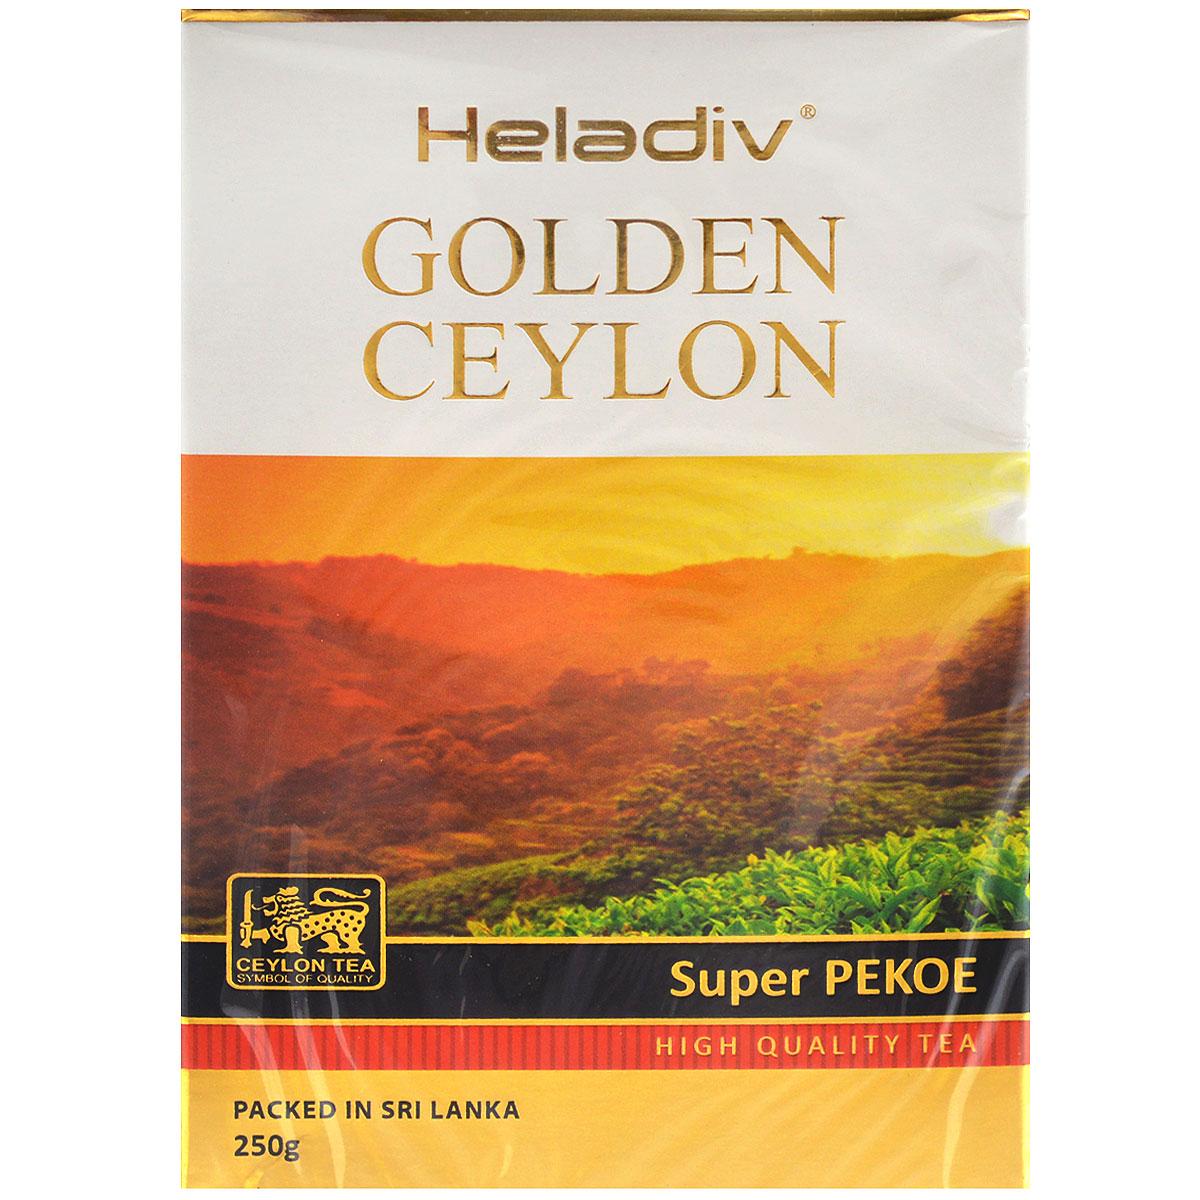 Heladiv Golden Ceylon Super Pekoe черный листовой чай, 250 г4791007010661Heladiv Golden Ceylon Super Pekoe - эксклюзивный сорт черного чая высшей категории, в состав которого входят только верхние листочки, собранные на элитных плантациях Шри Ланки. Этот крепкий настой с мягким, деликатным вкусом и насыщенным ароматом создает отличный настрой на весь день, заряжает положительными эмоциями.